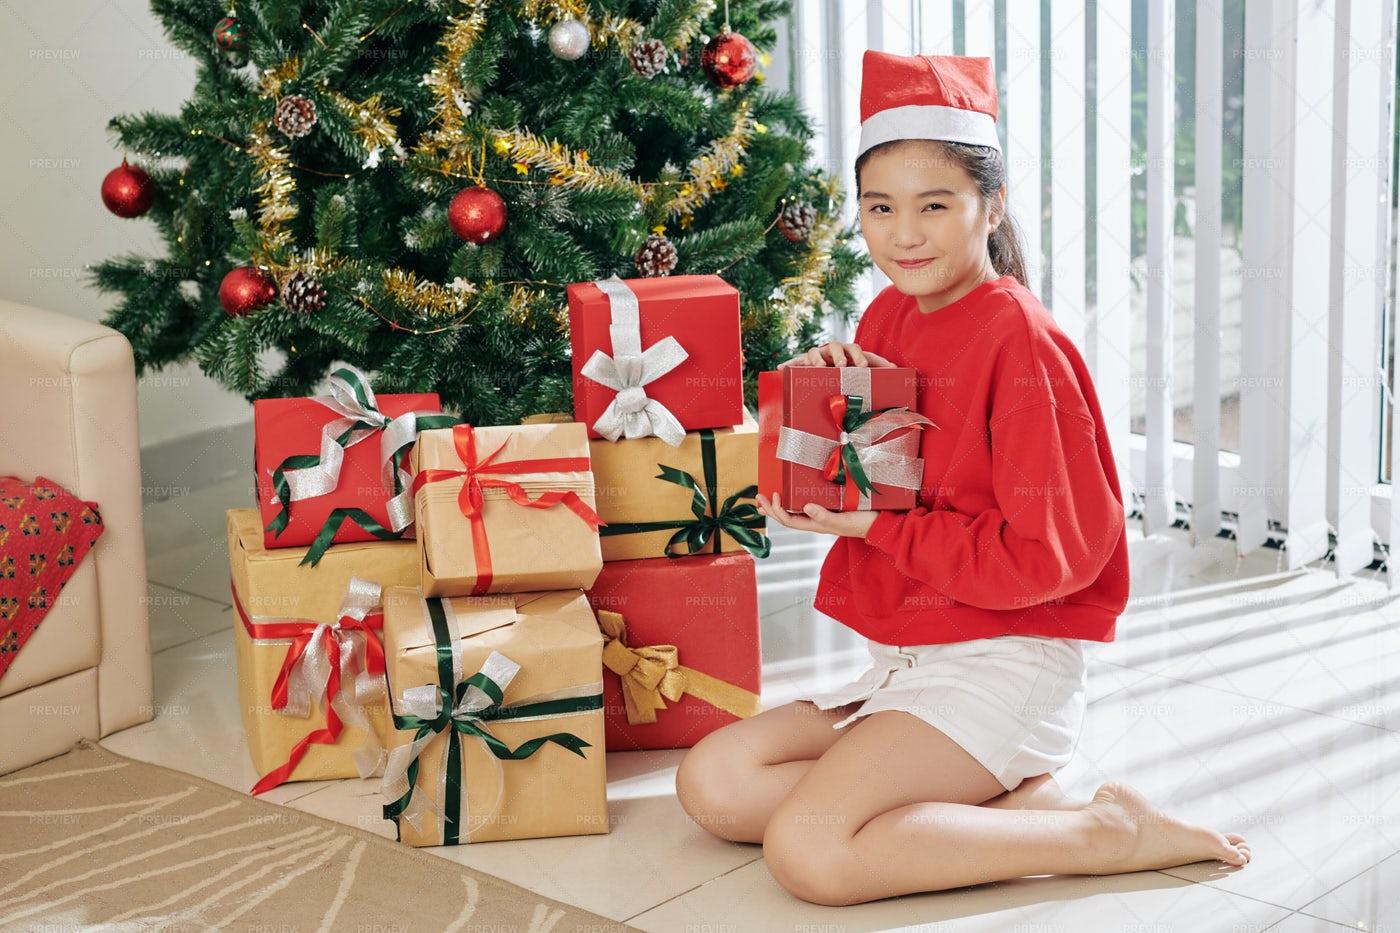 Curious Girl Opening Presents: Stock Photos